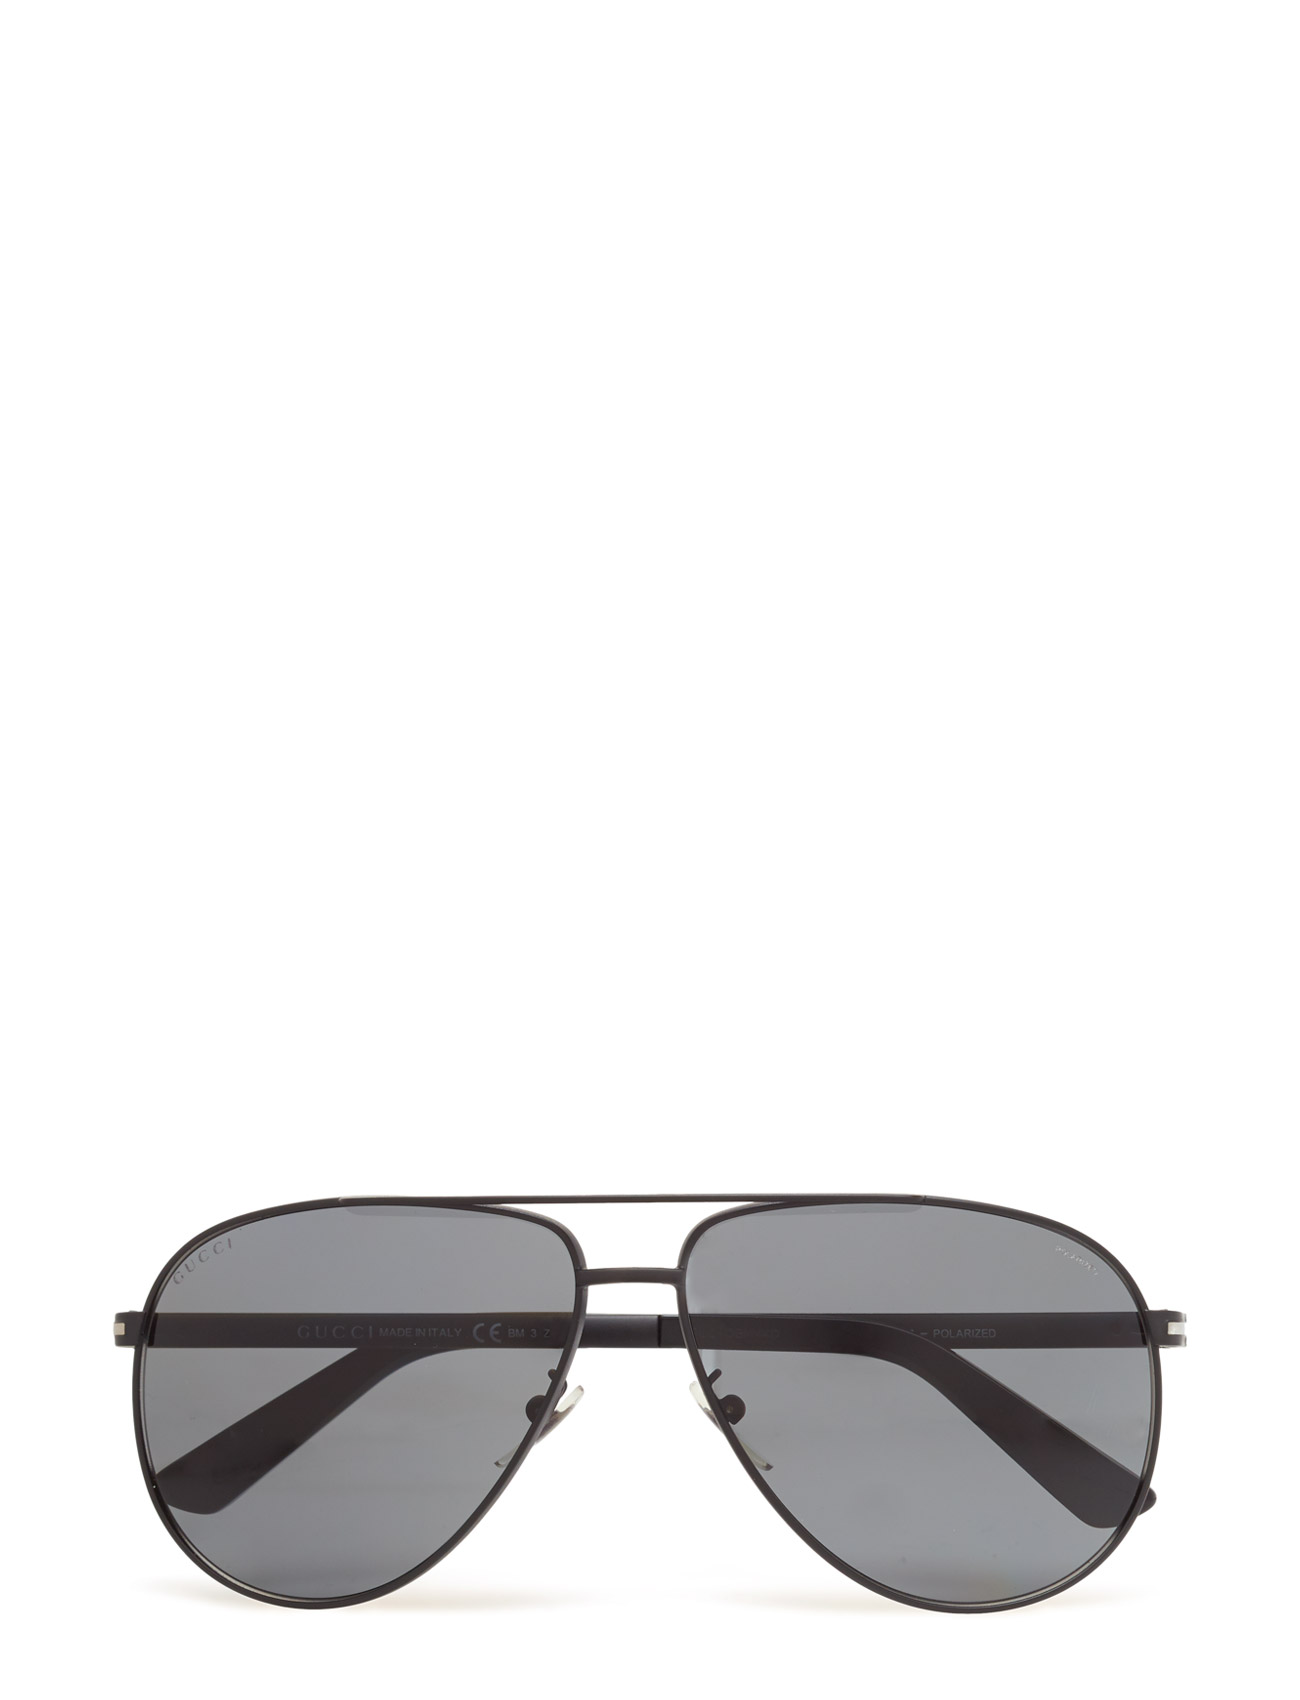 Gg 2269/S Gucci Sunglasses Solglasögon